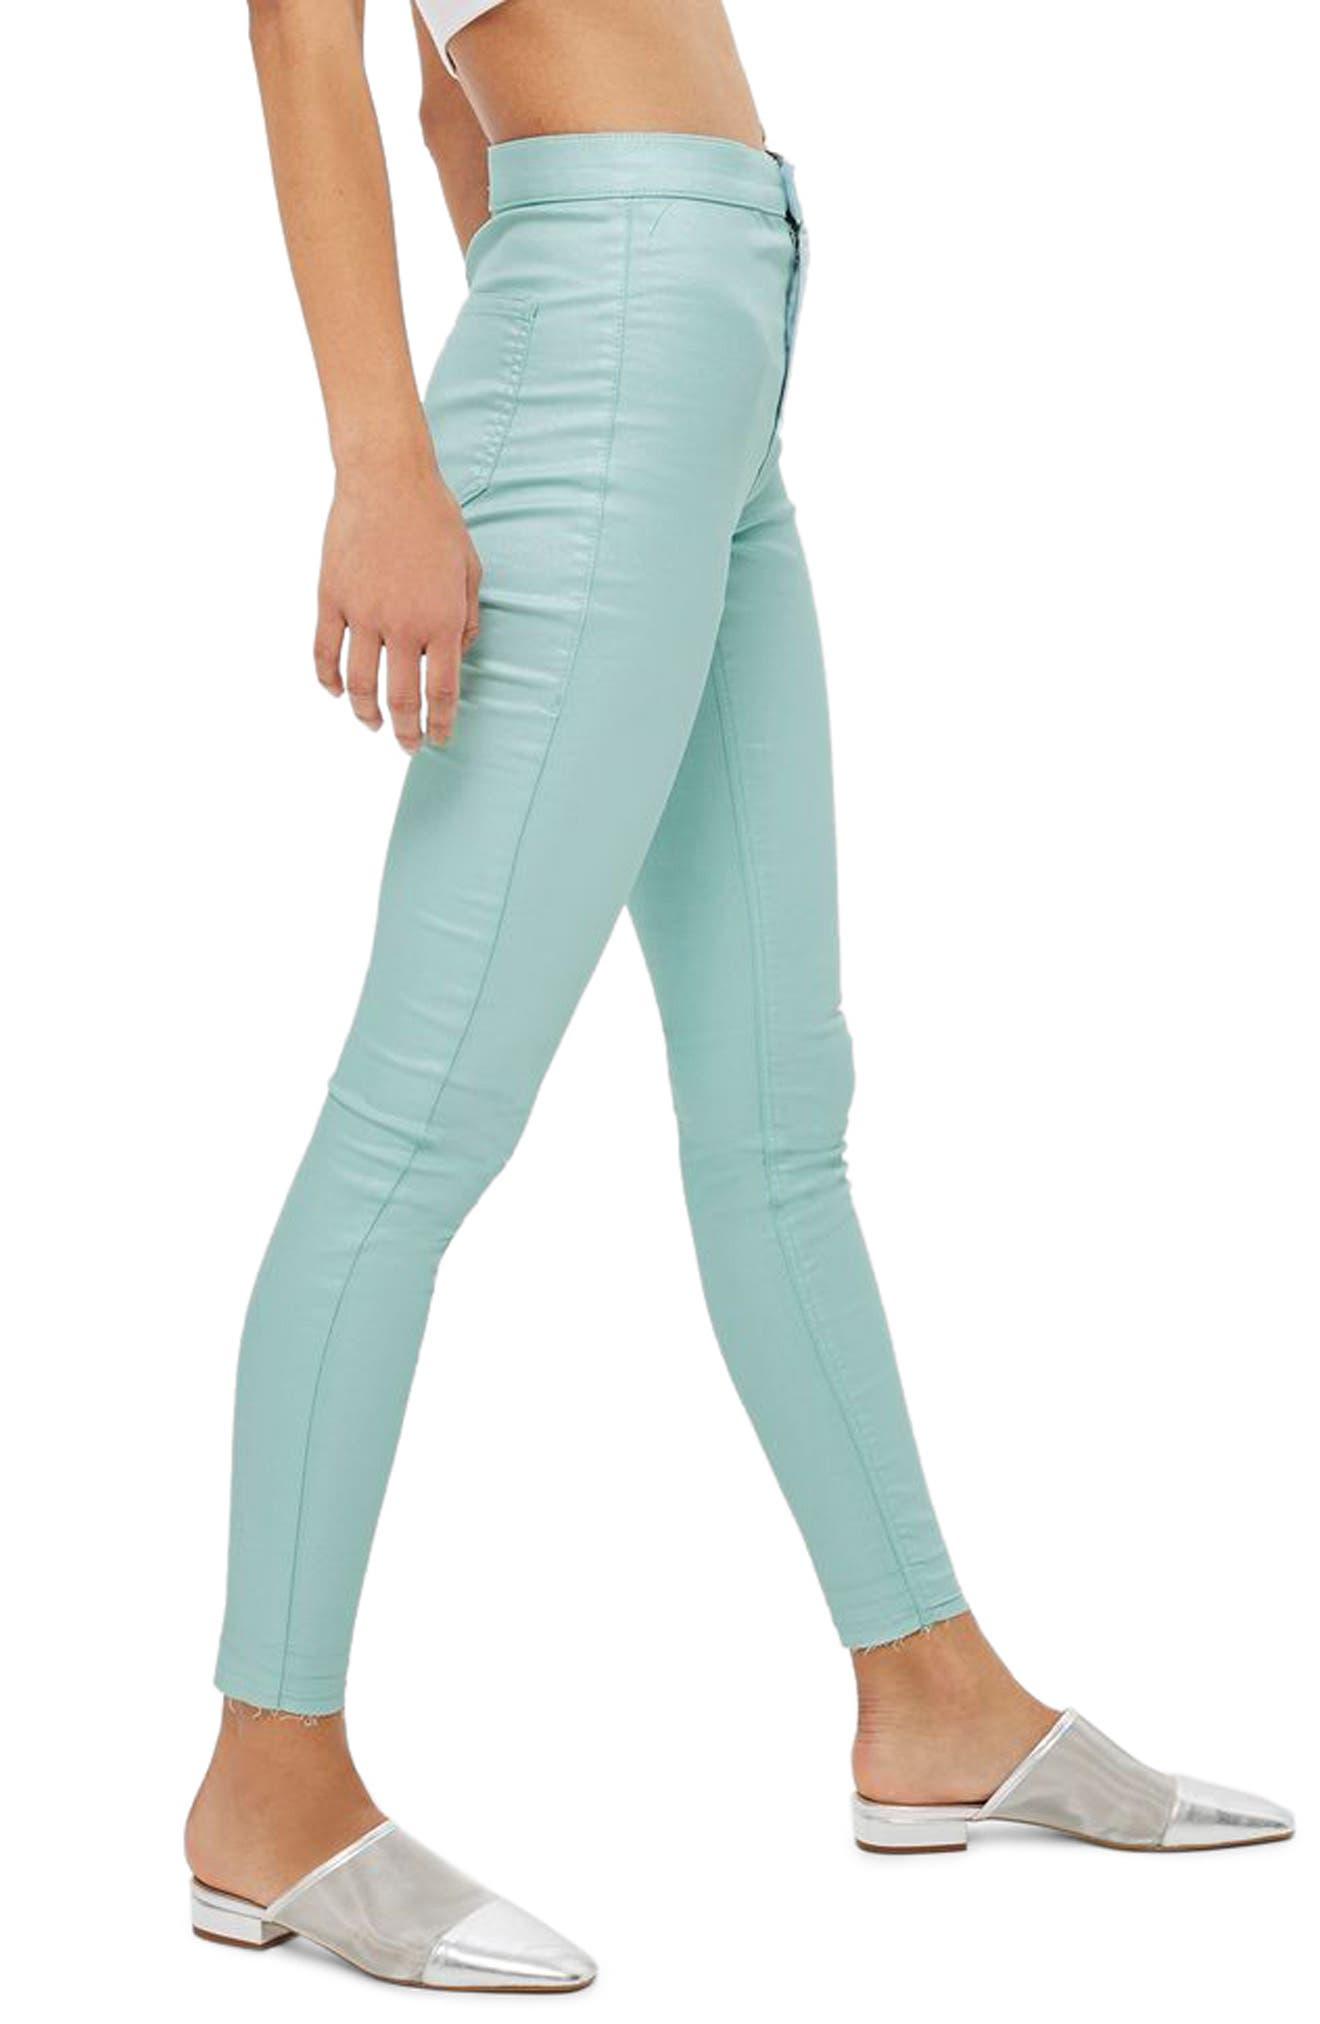 Joni Shimmer Skinny Jeans,                             Main thumbnail 1, color,